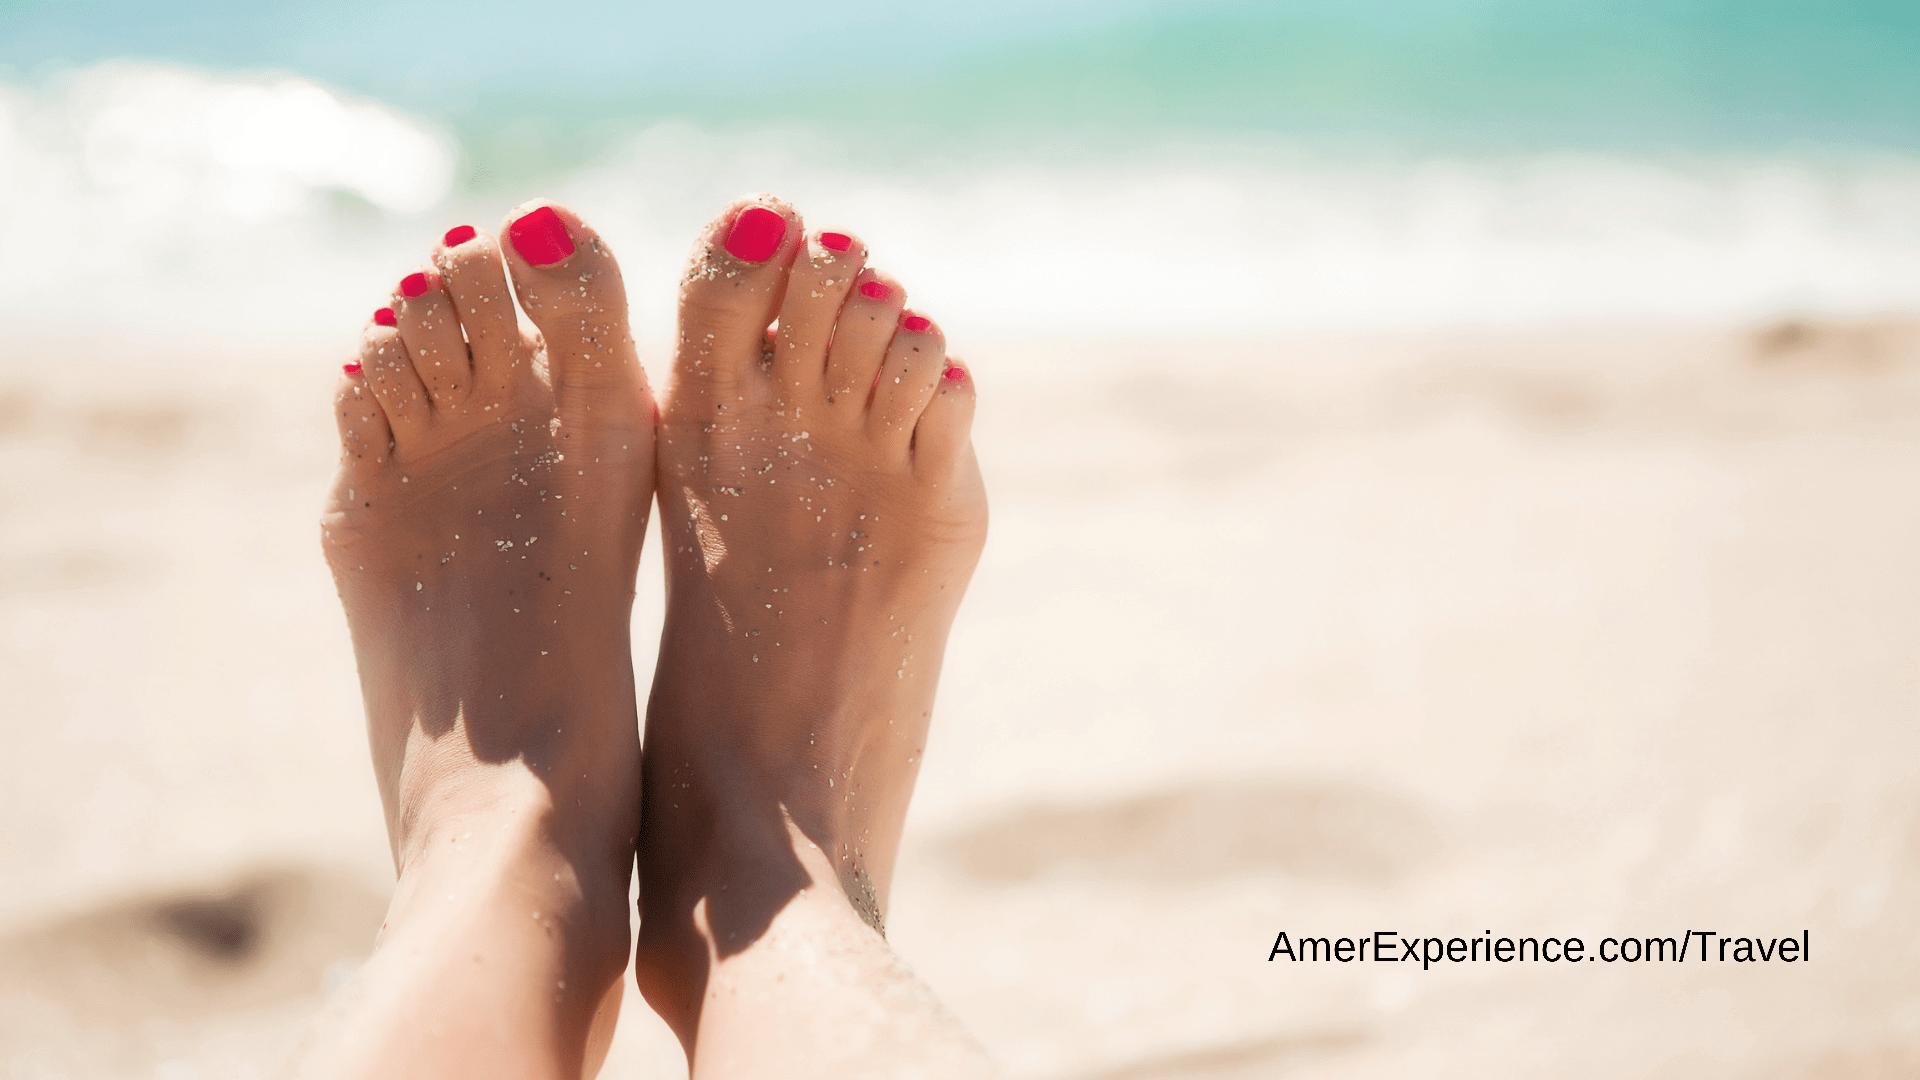 Facebook & Co.: Grüße mit Füßen aus dem Urlaub – muss das sein?